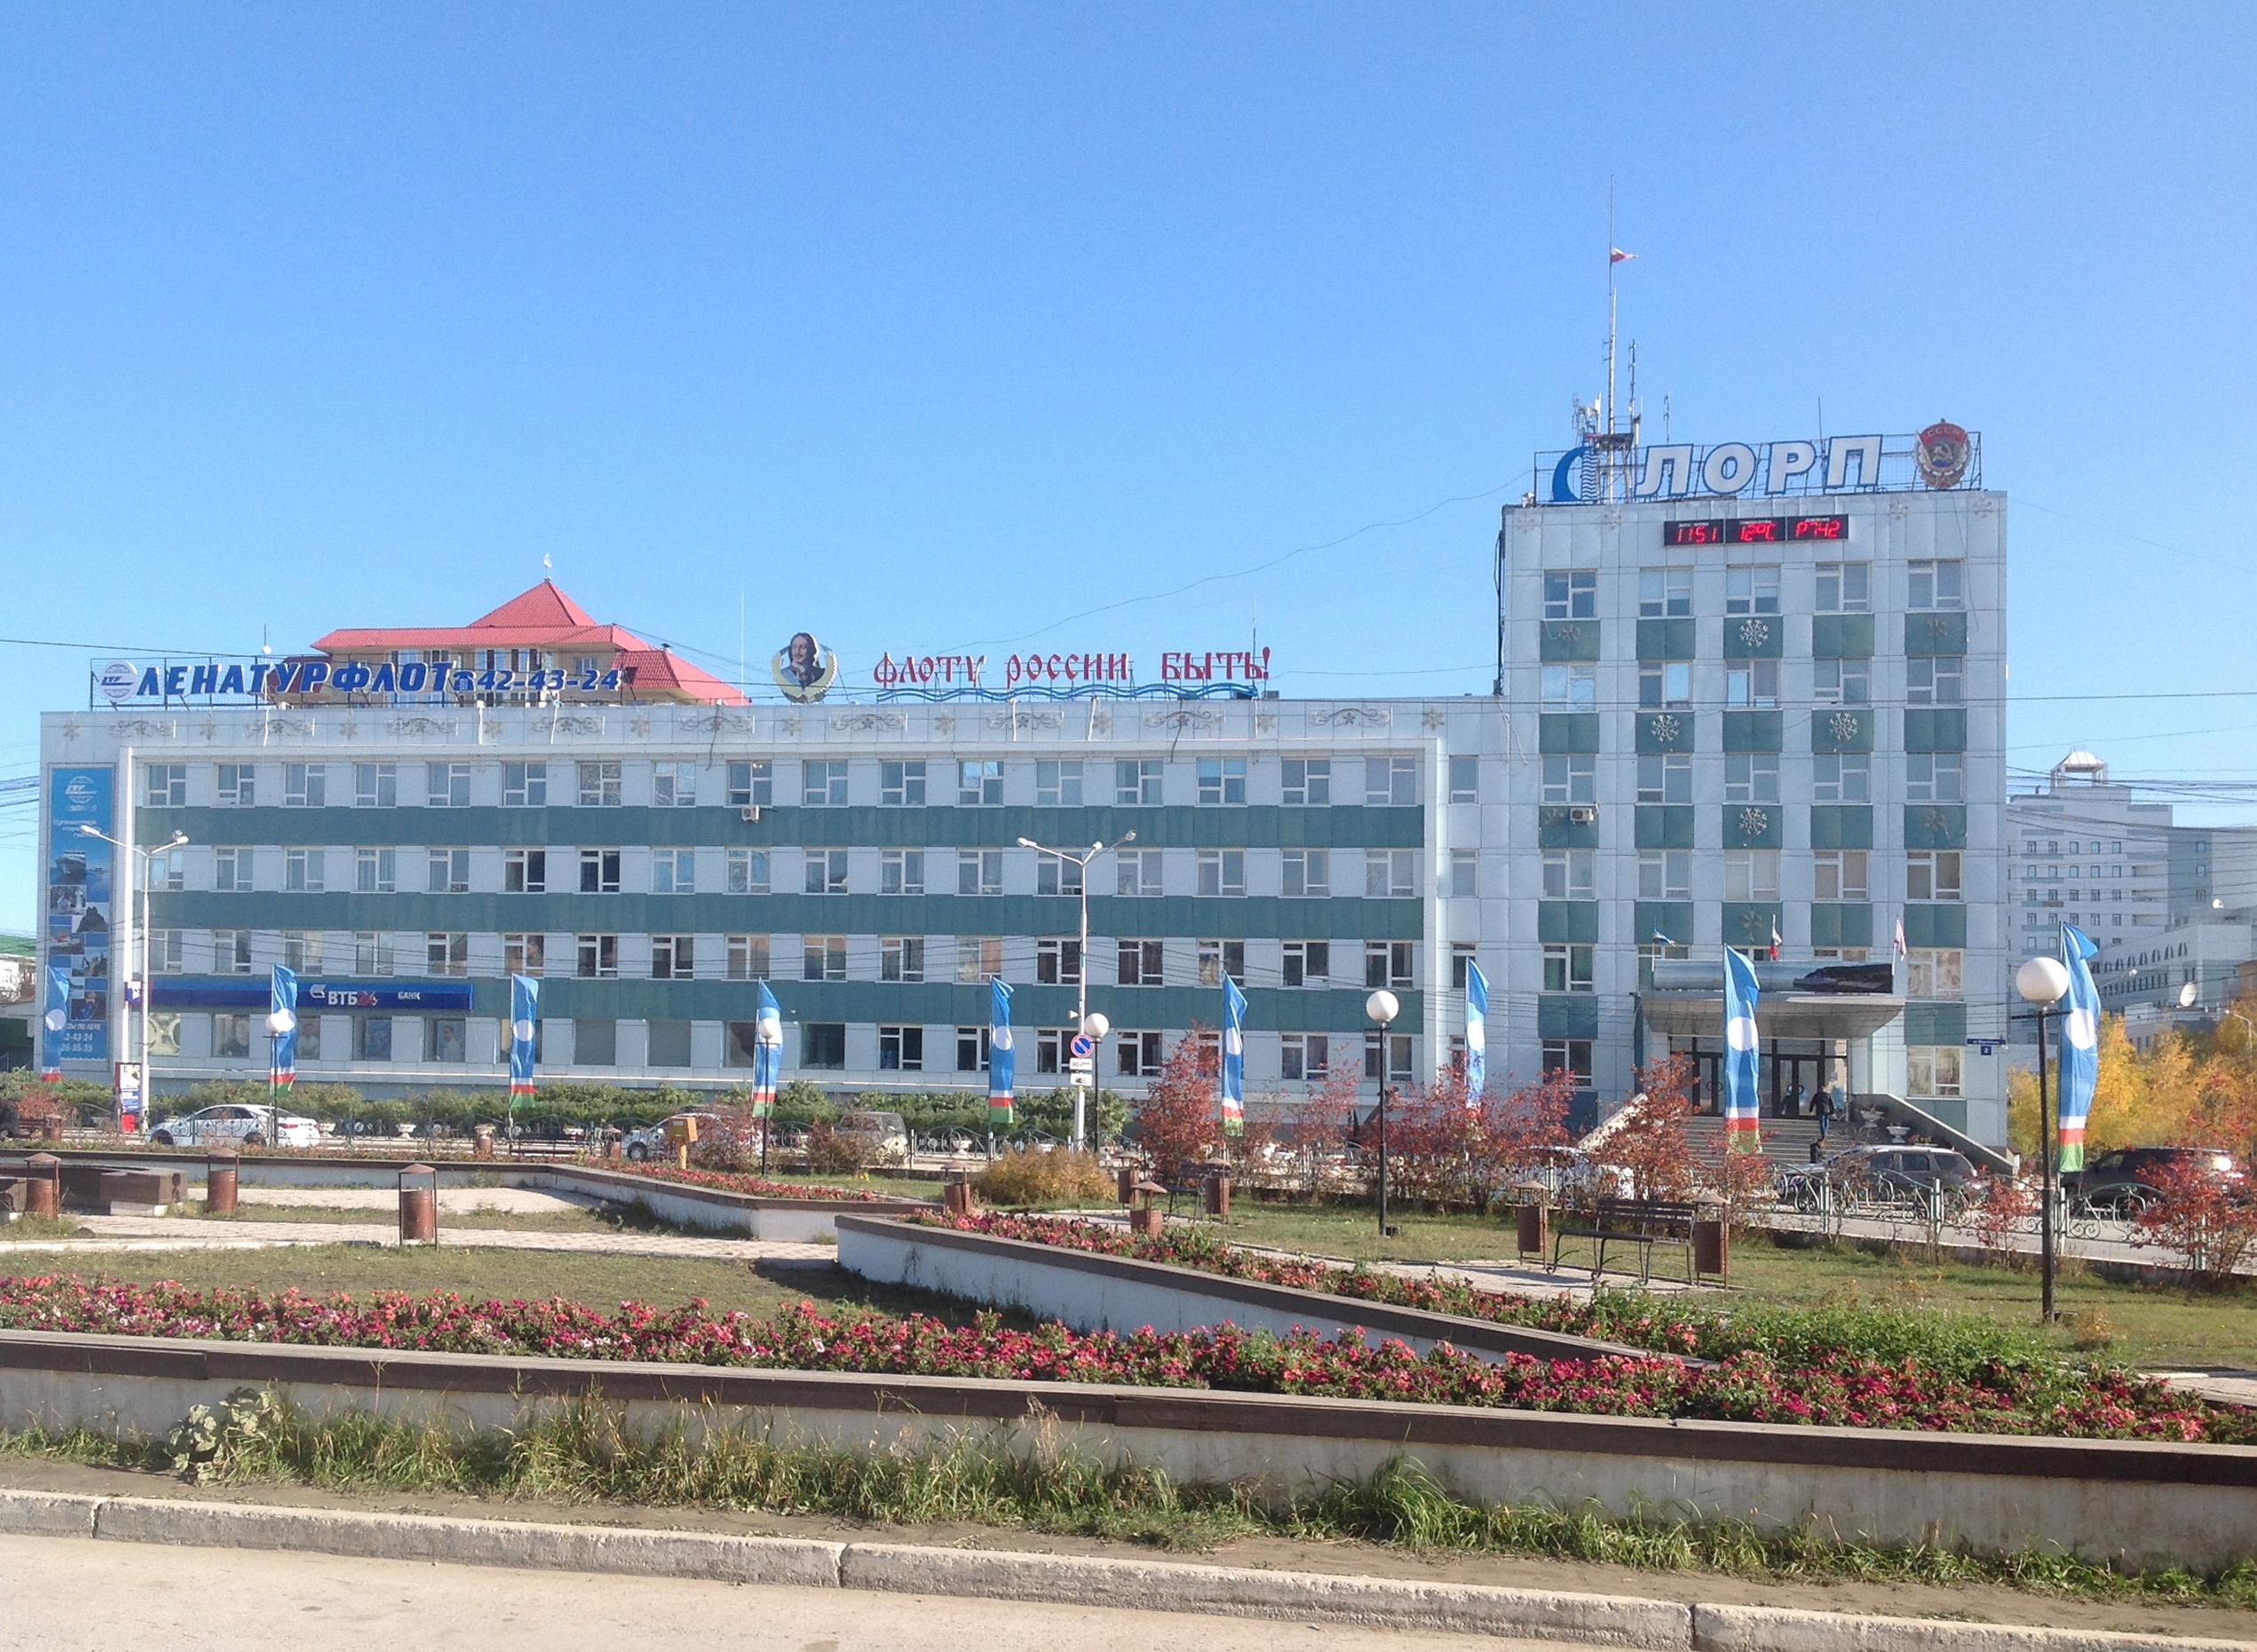 Yakutsk_220917_82.JPG